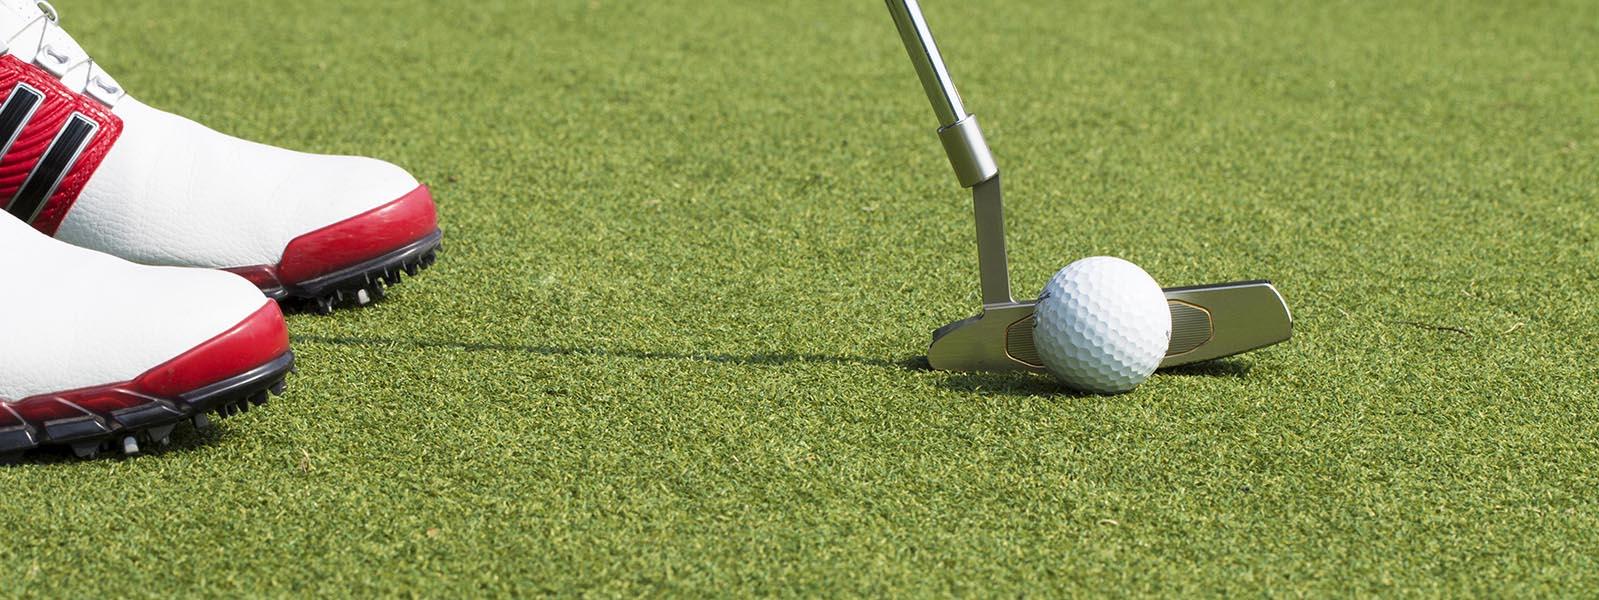 Pieds de golfeur sur green de golf